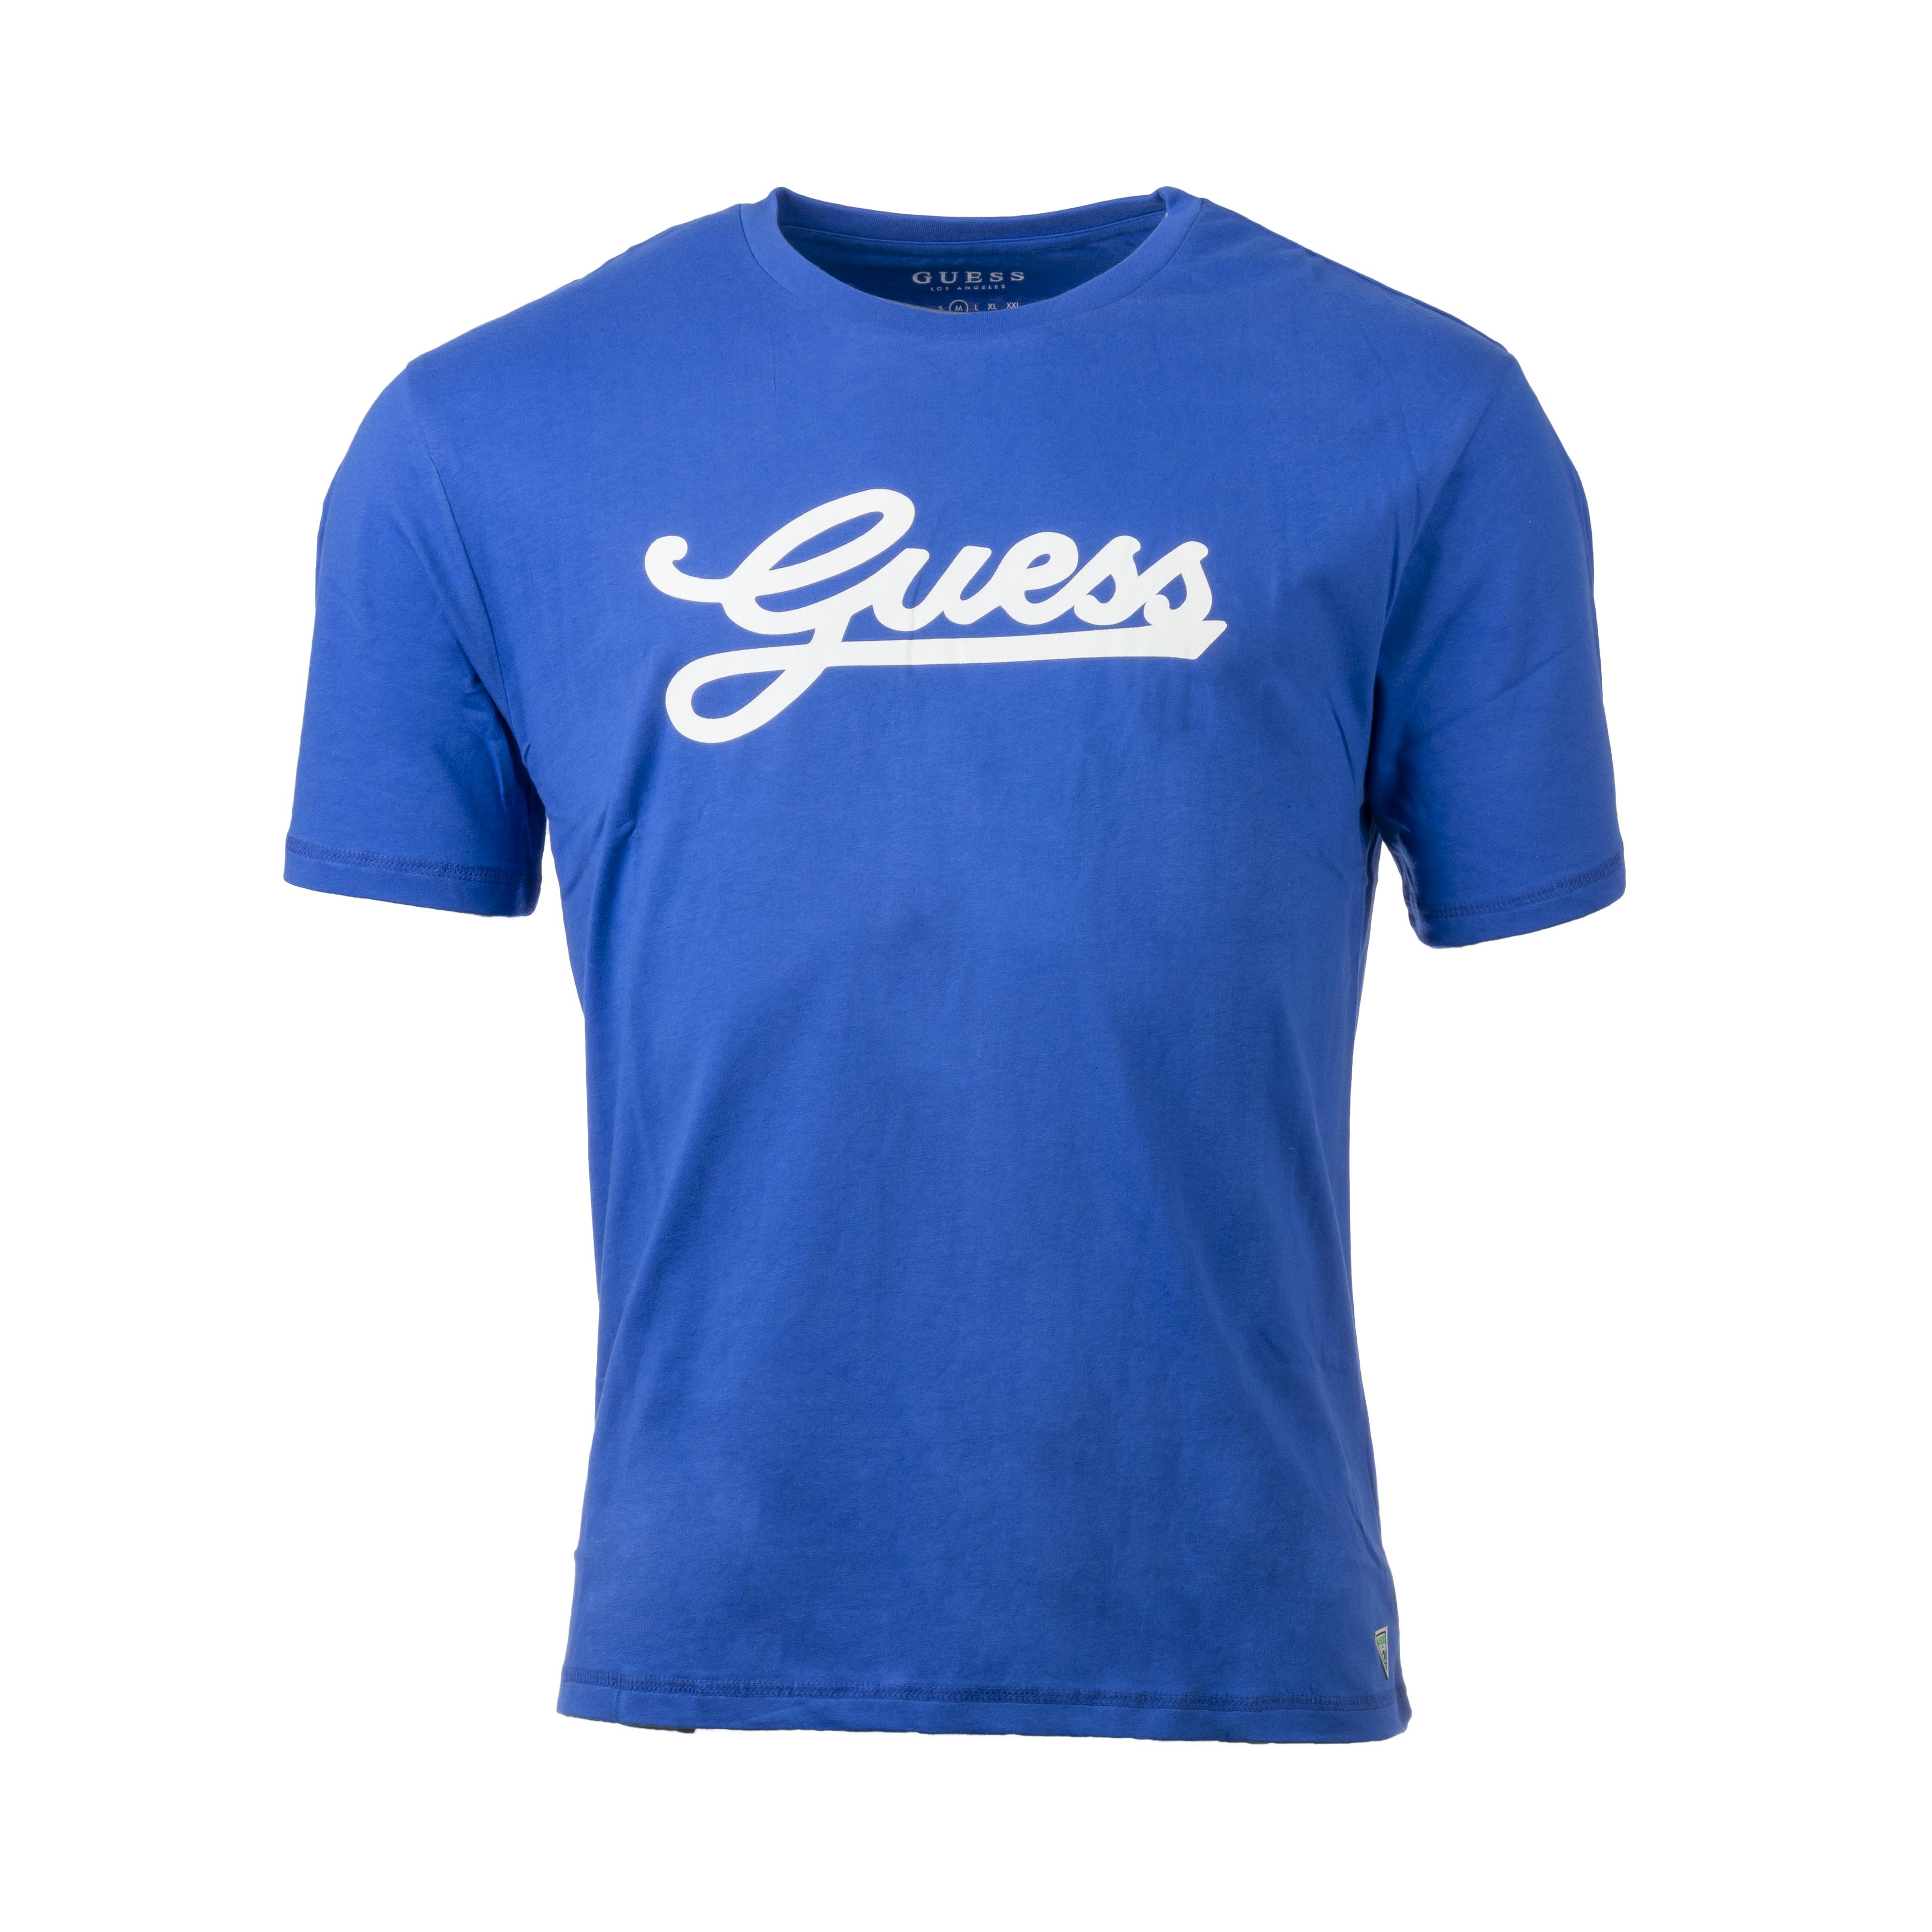 Tee-shirt col rond  en coton bleu roi